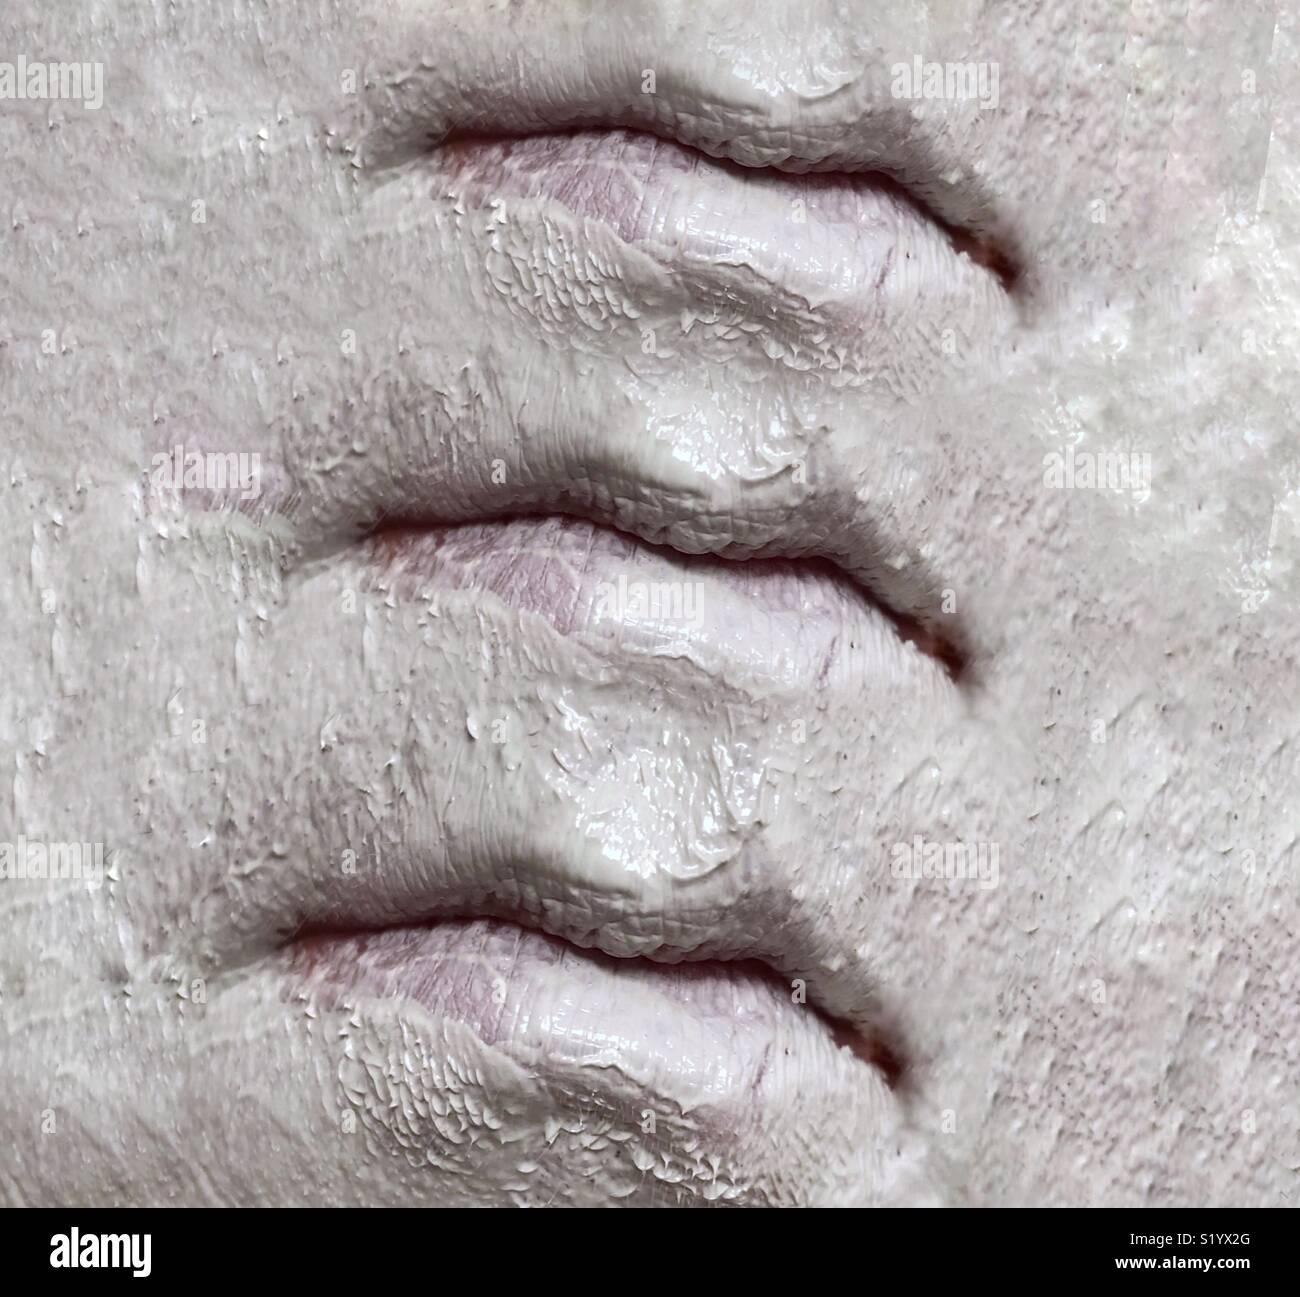 Une image abstraite de trois ensembles de lèvres sur un visage recouvert d'un masque de boue argile blanche Photo Stock